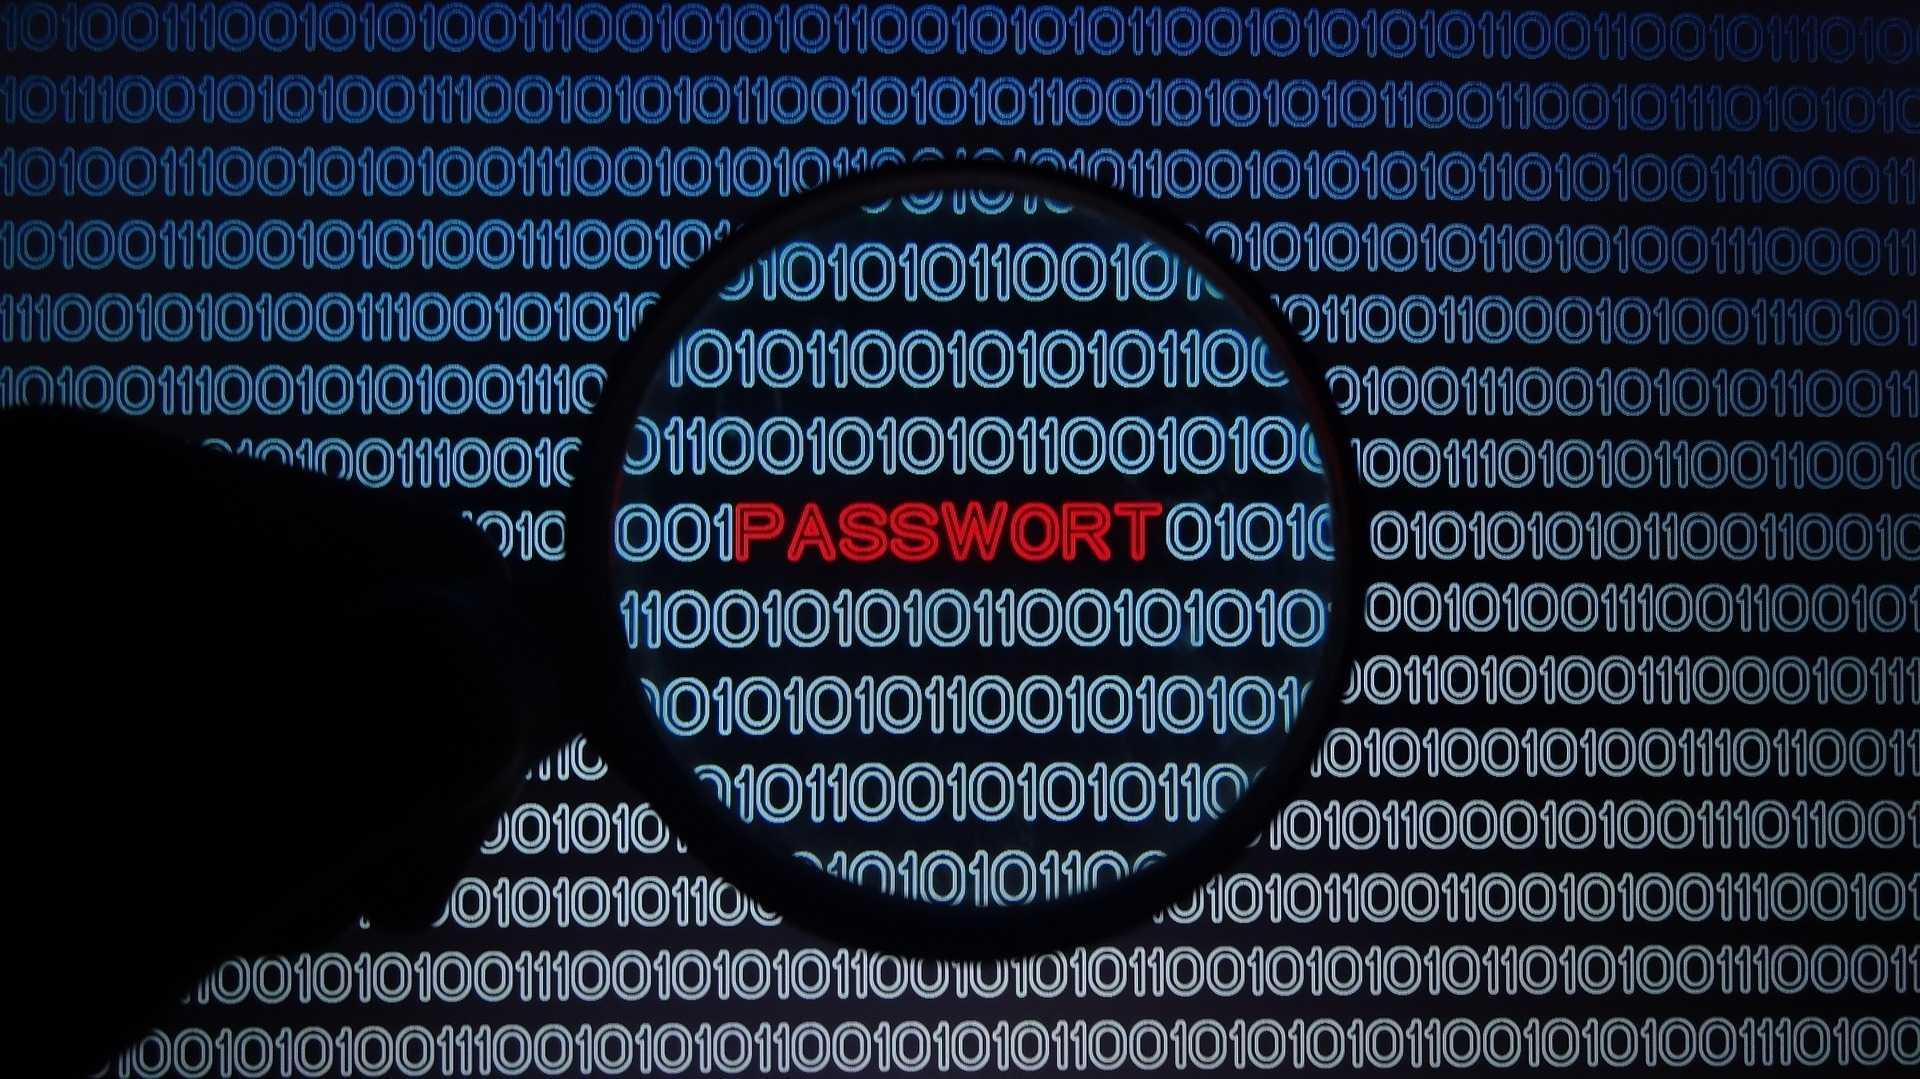 Hacker überfällt Linuxforums.org und erbeutet Daten von 276.000 Accounts